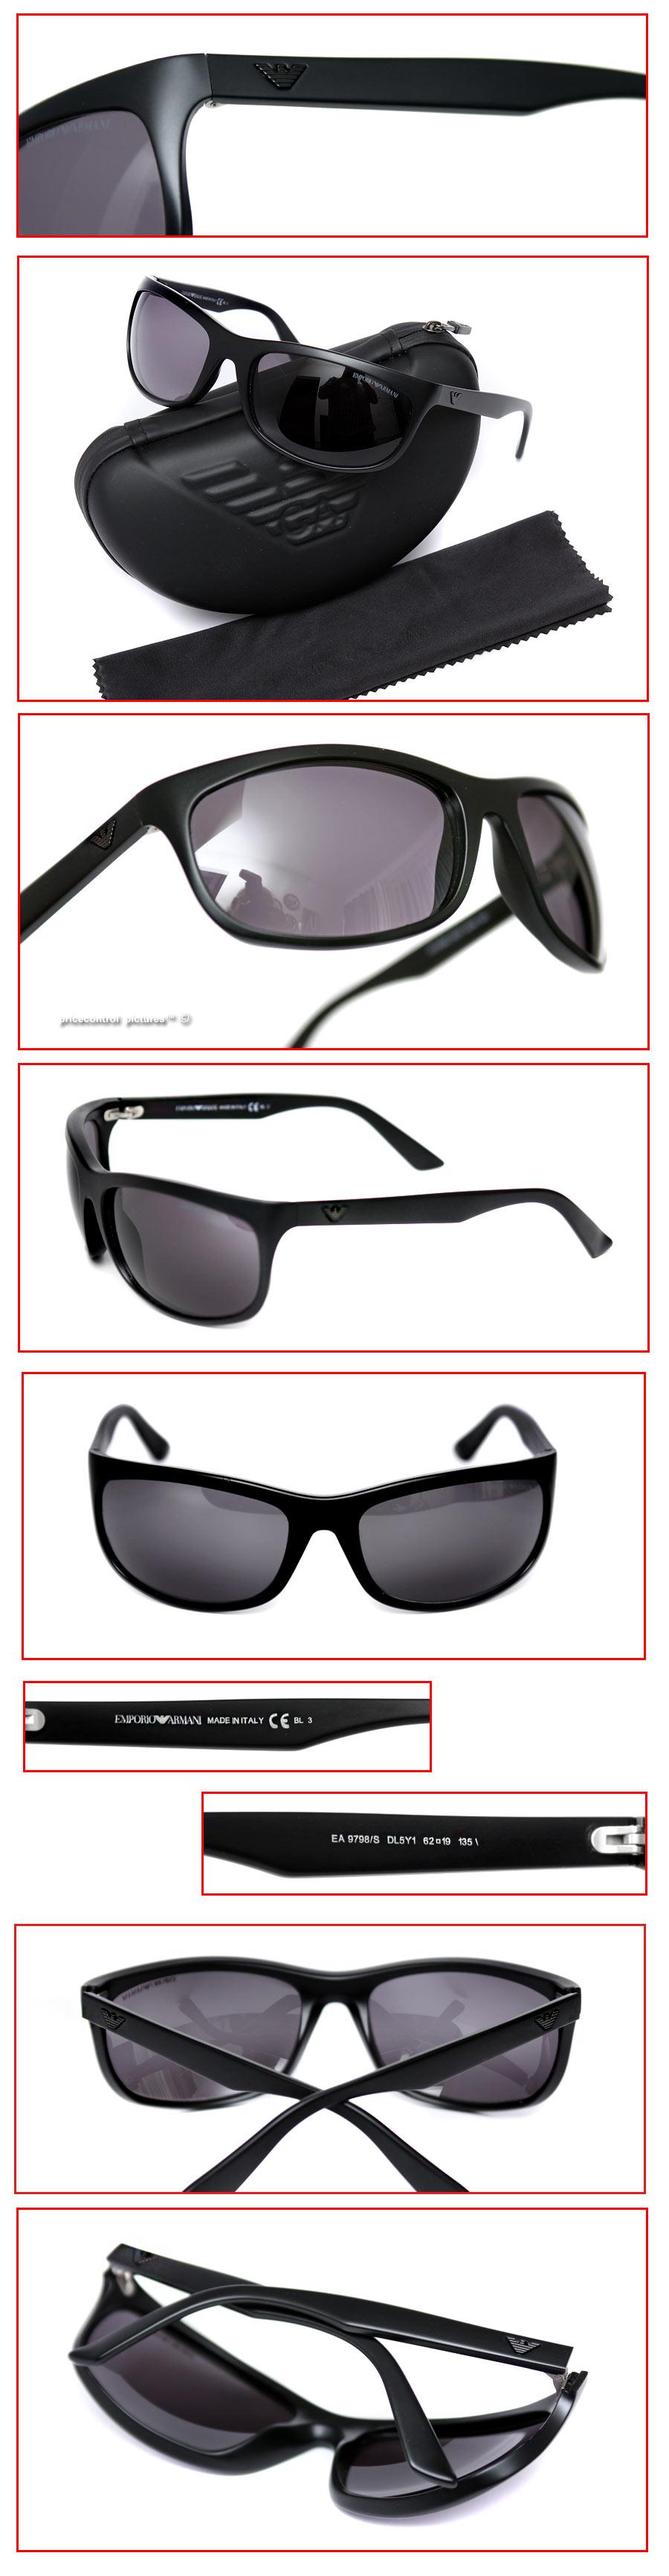 armani sunglasses men  armani men\'s